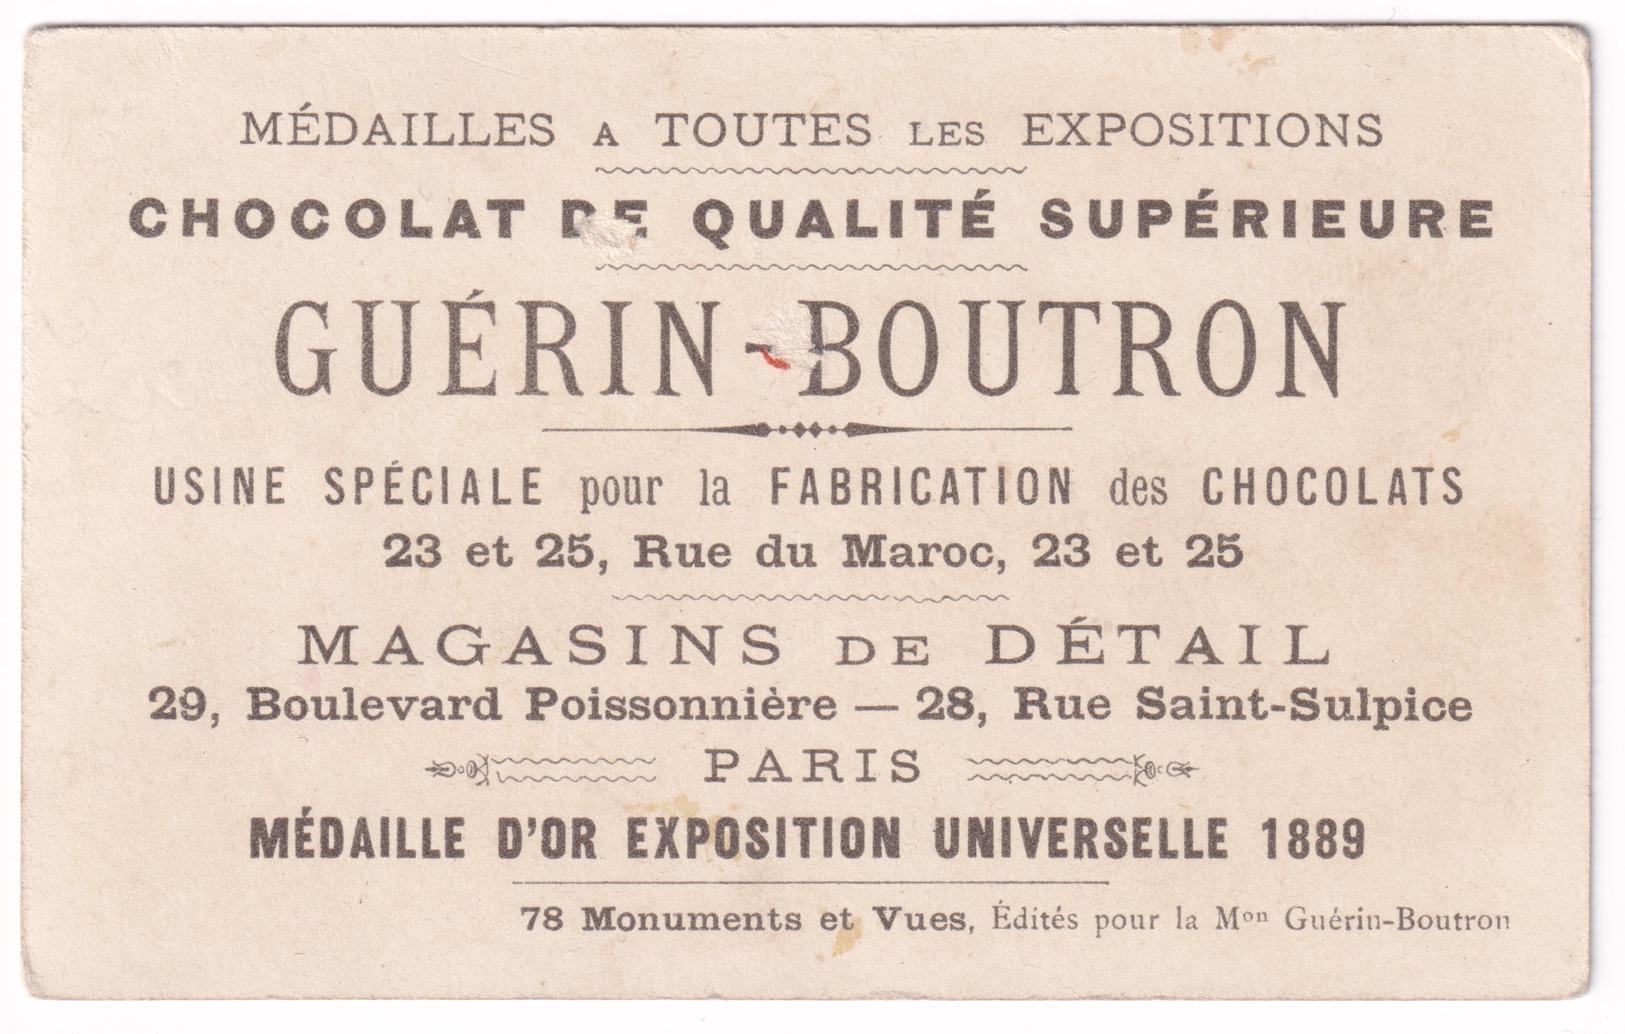 Chromo Guérin-Boutron Projets Exposition Universelle De Paris 1900 Seine Tour Eiffel Inde Trocadéro Canotage A32-63 - Guérin-Boutron